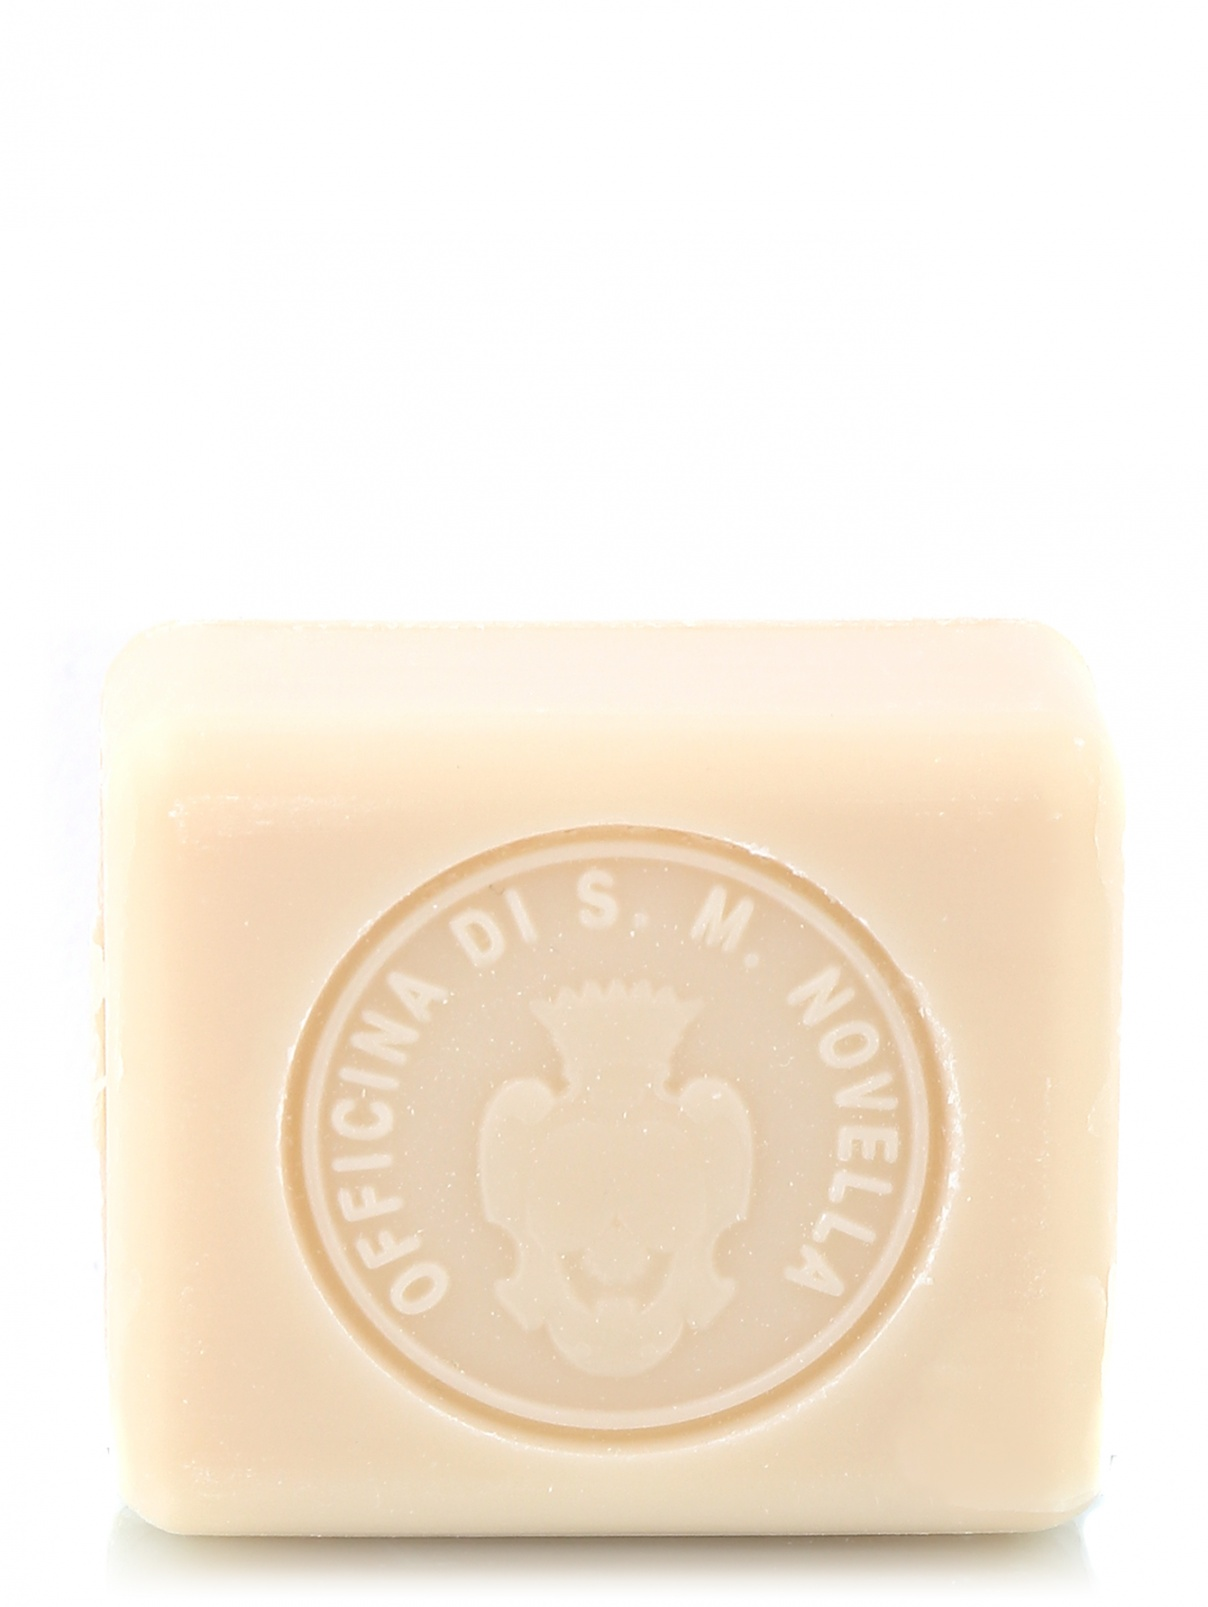 Мыло молочное с запахом МОХ 3 шт. Body Care Santa Maria Novella  –  Общий вид